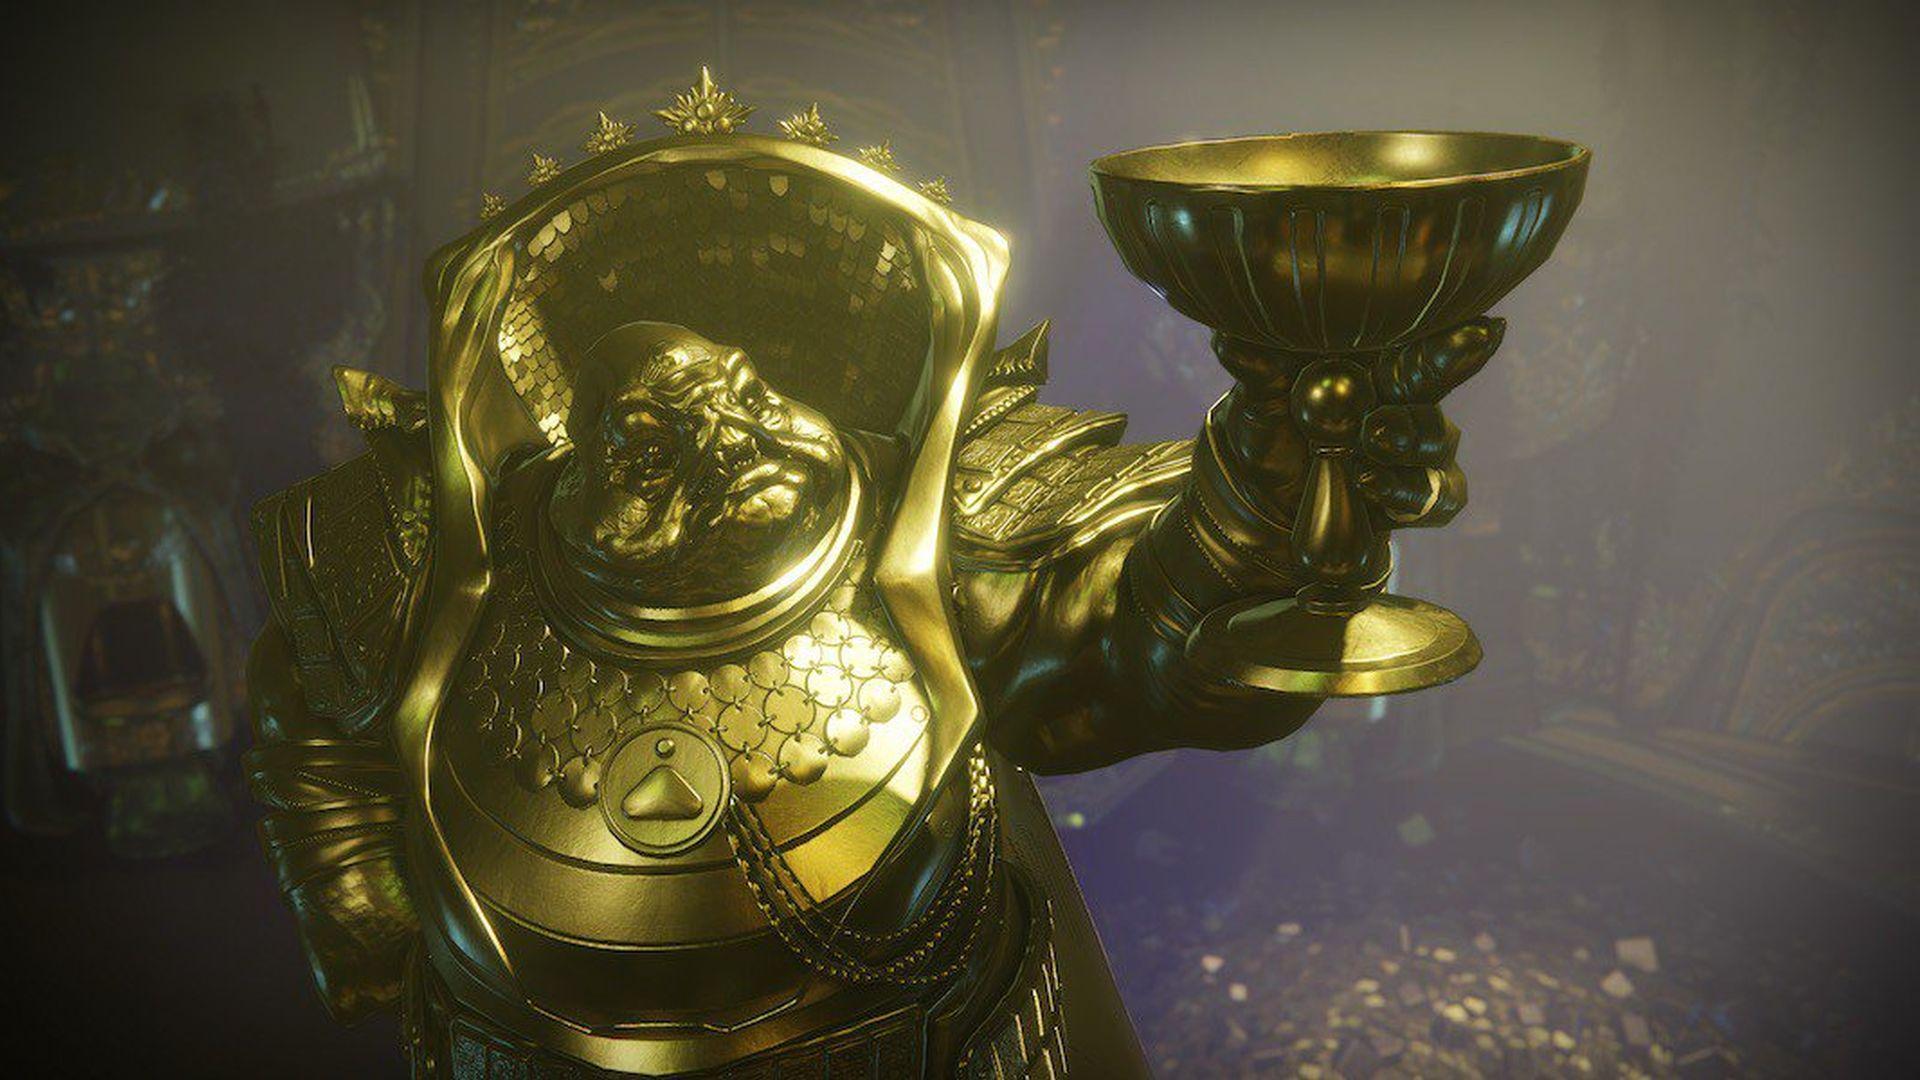 حالت جدید بازی Destiny 2 به نام The Menagerie Heroic Mode معرفی شد